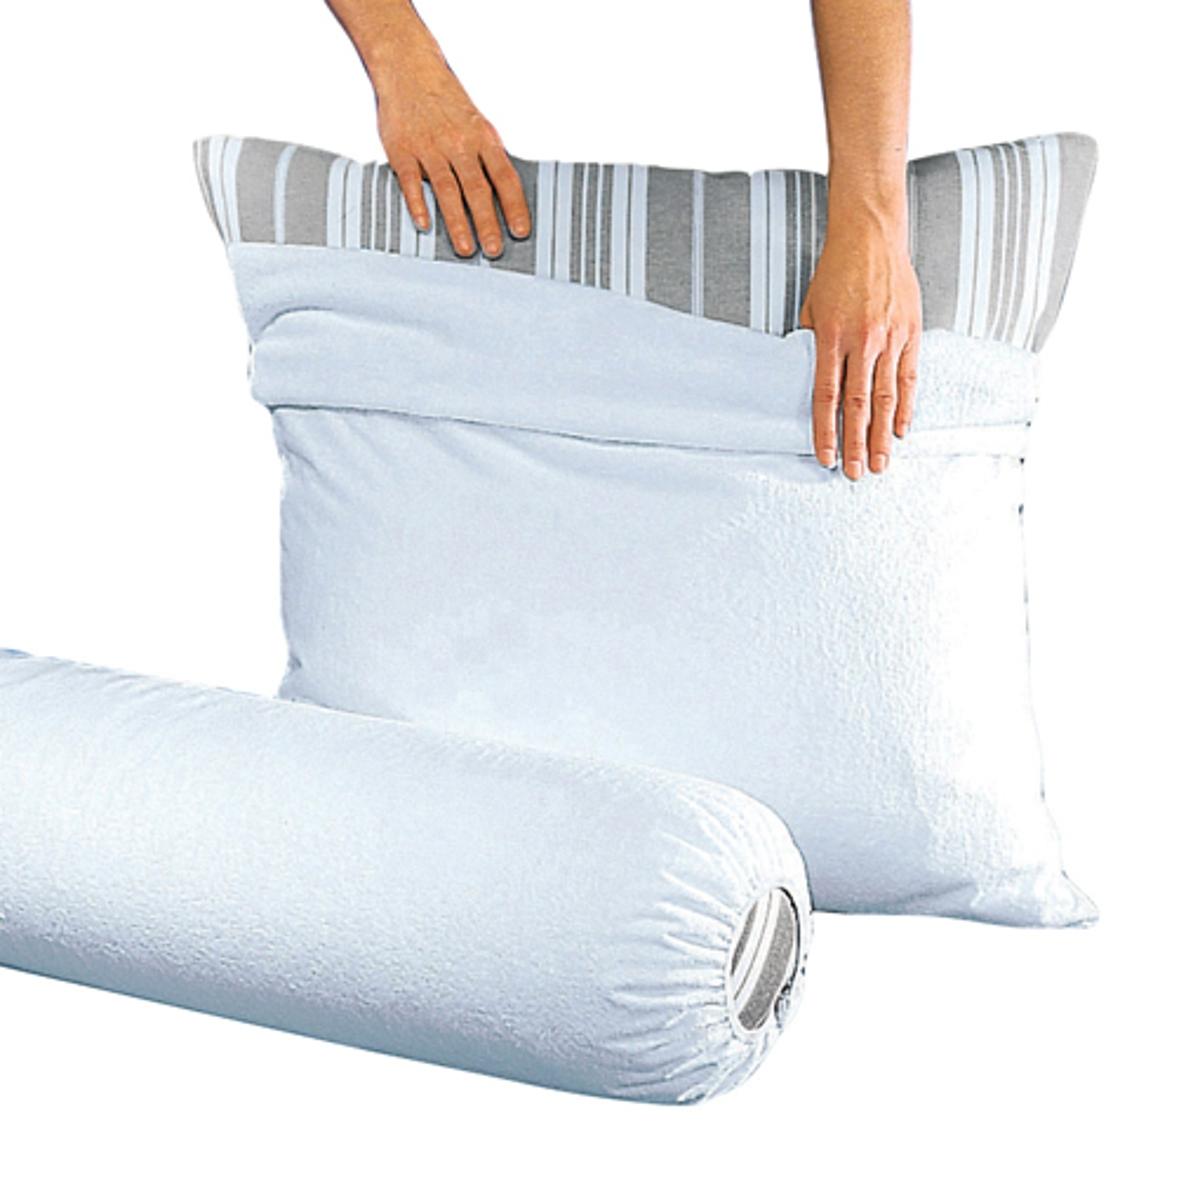 Чехол под наволочку из махровой ткани 400г/м?, с непромокаемым покрытием из ПВХНадежная защита для Ваших постельных принадлежностей и уникальный комфорт для Вас: этот чехол поглощает потоотделения, которые неизбежны во время сна, и защищает подушки и одеяла от появления разводов, скапливания бактерий и клещей.Характеристики Чехол под наволочку из мягкой махровой ткани, прочный и эластичный, с непромокаемым покрытием из ПВХ без использования фталатов, с обработкой SANITIZED, антибактериальной и антигрибковой  .Биоцидная обработка  .Материал: 80% хлопка, 20% полиэстера, плотность 400 г/м?. Машинная стирка при 95 °С. Качество VALEUR S?RE.<br><br>Цвет: белый